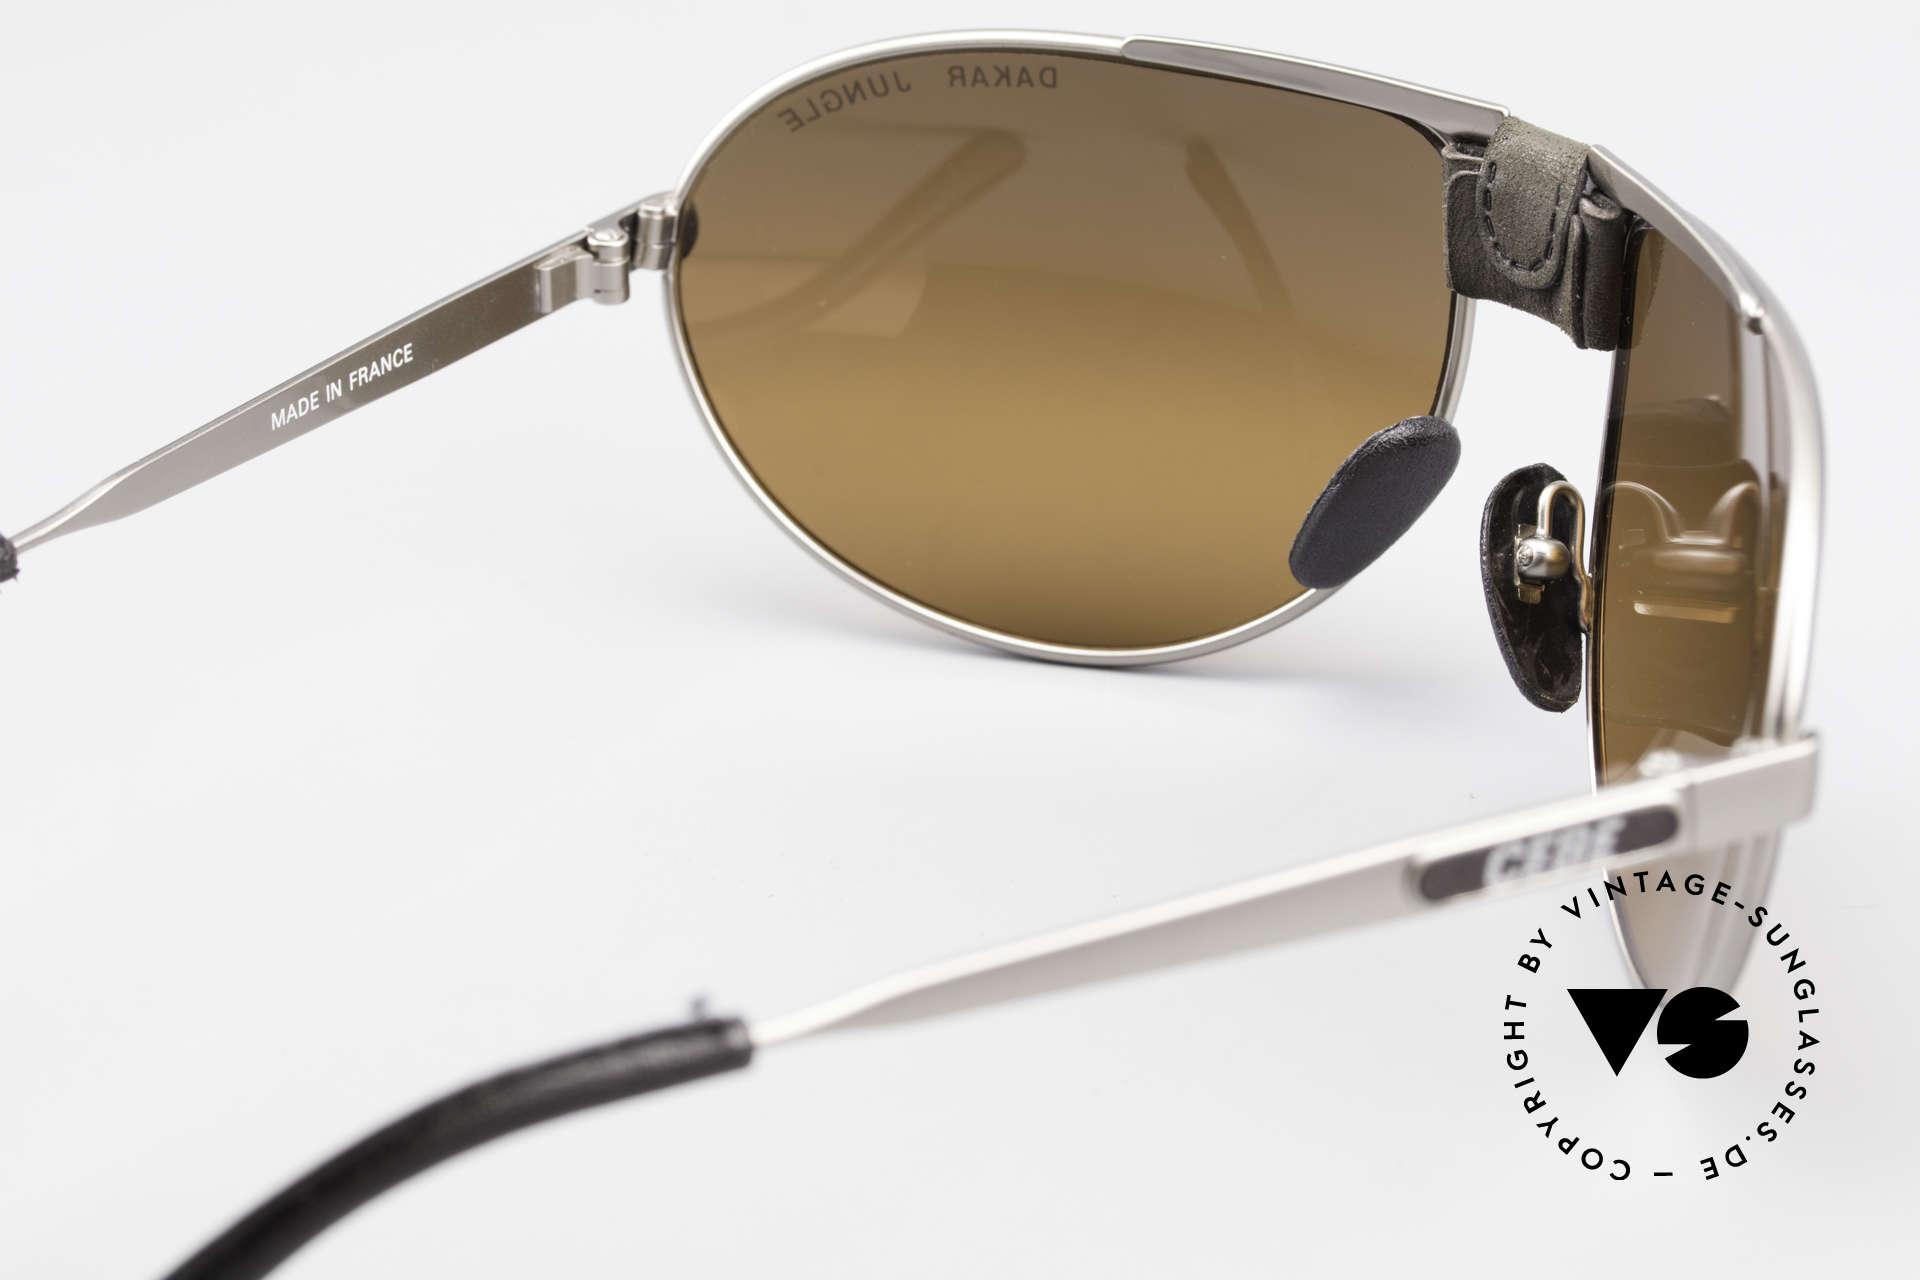 Cebe Dakar Jungle QD02 High-Tech Racing Sunglasses, Size: small, Made for Men and Women